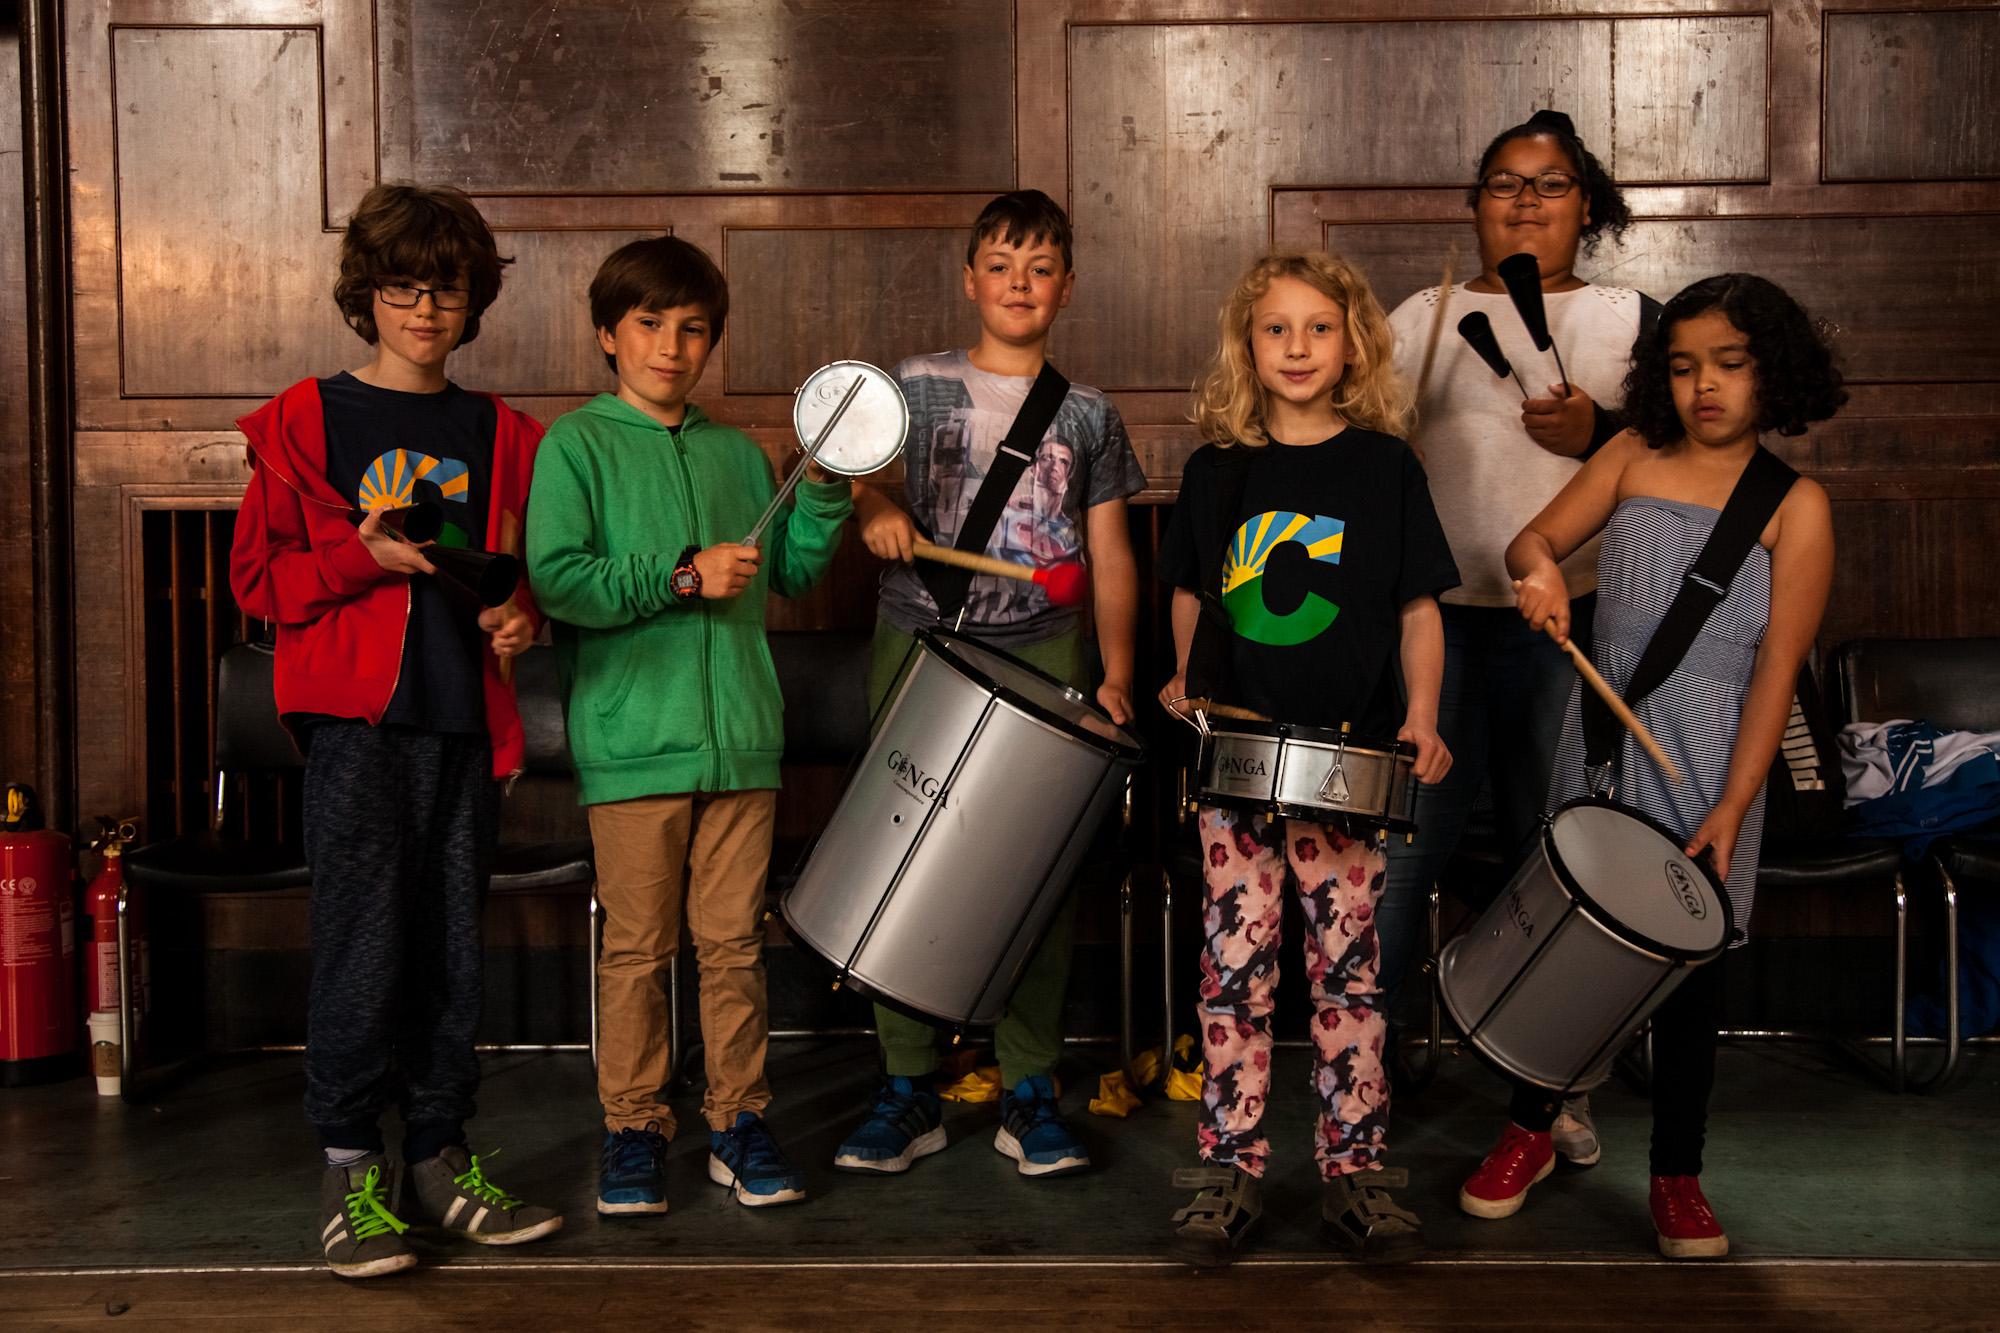 sambaband